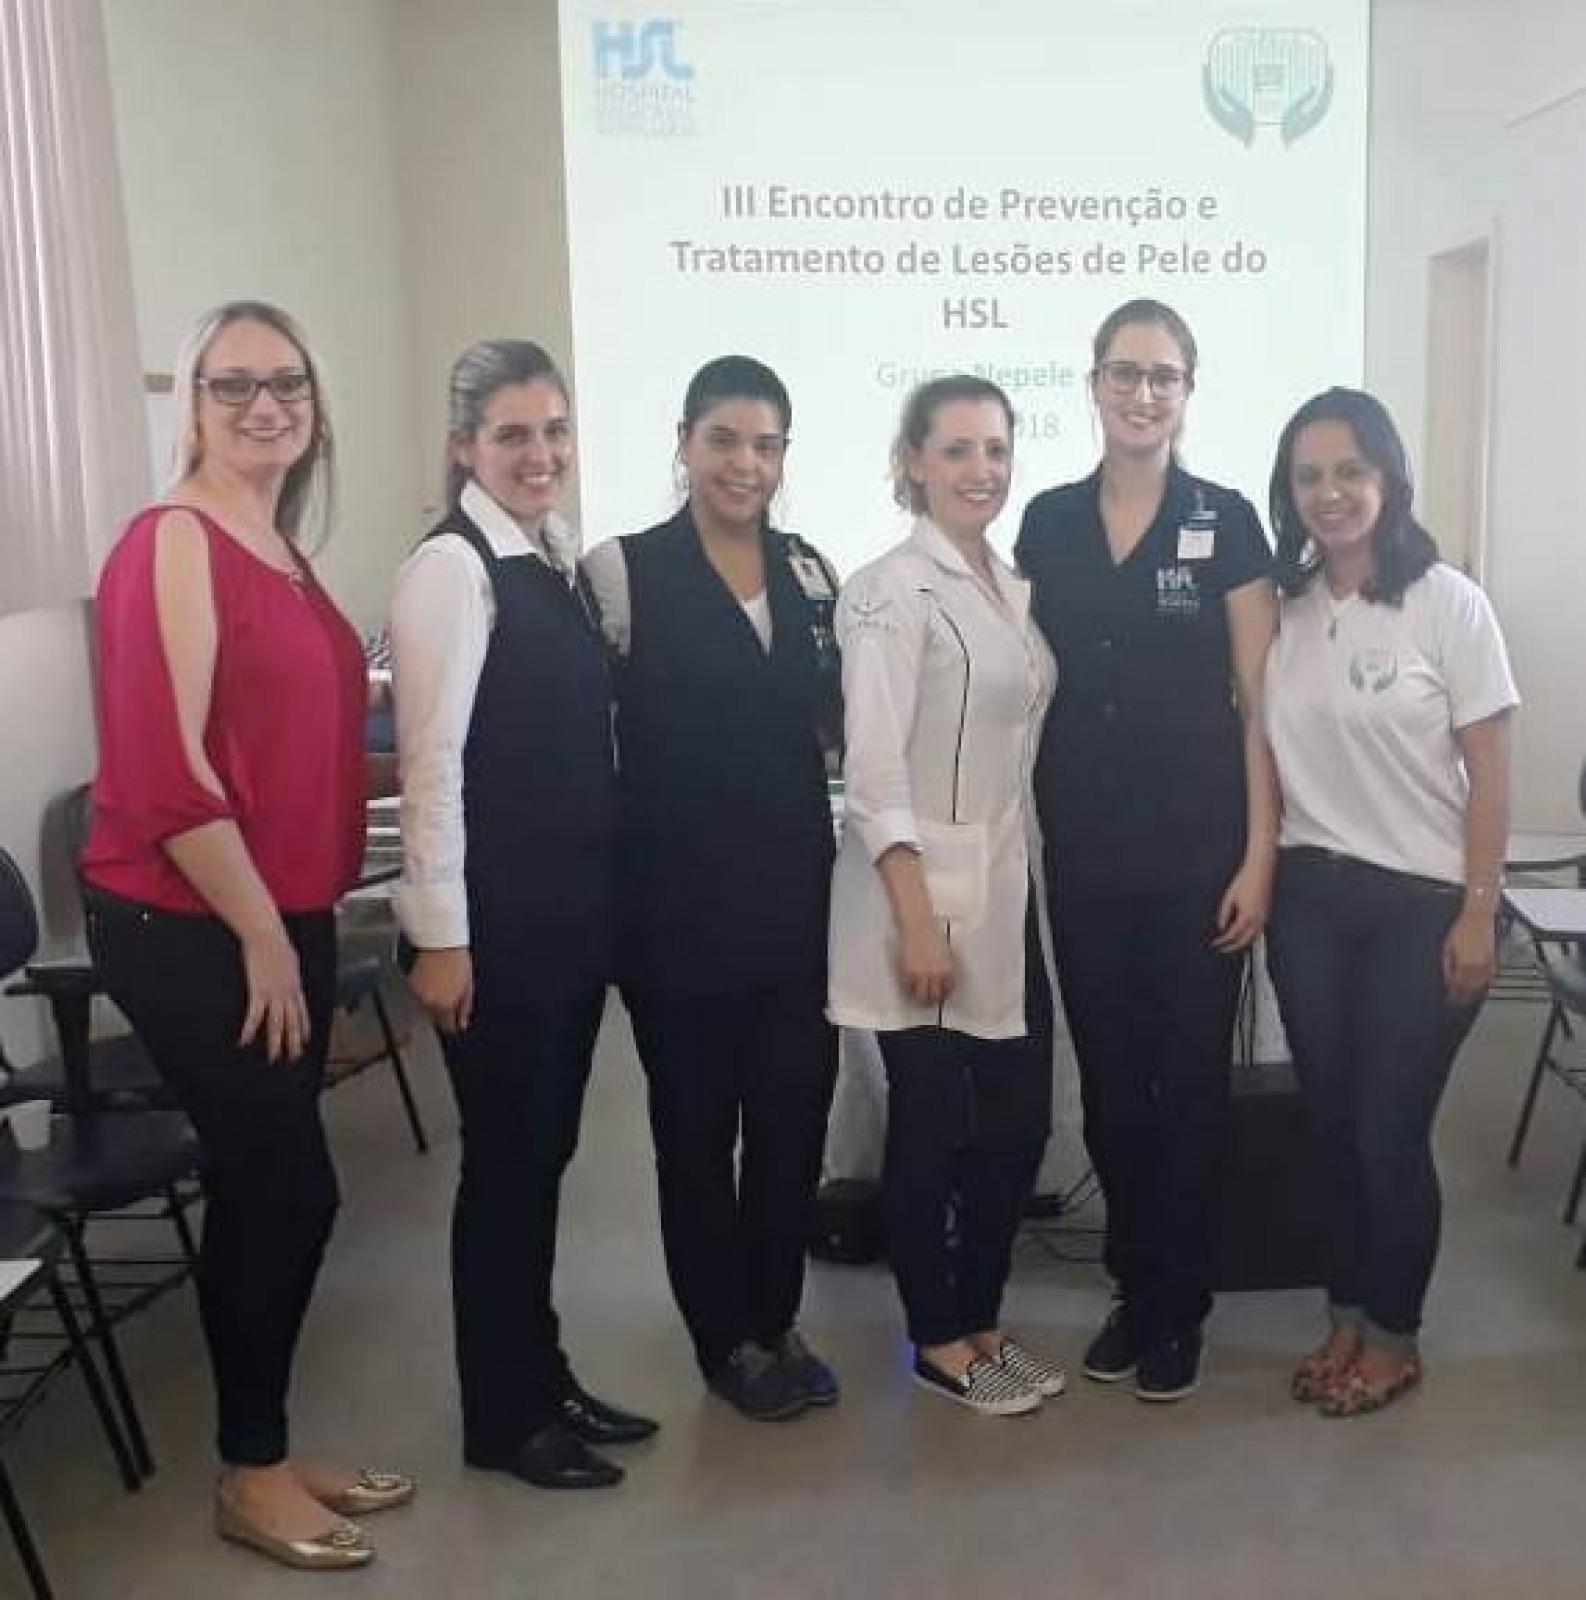 III Encontro de Prevenção e Tratamento de Lesões de Pele